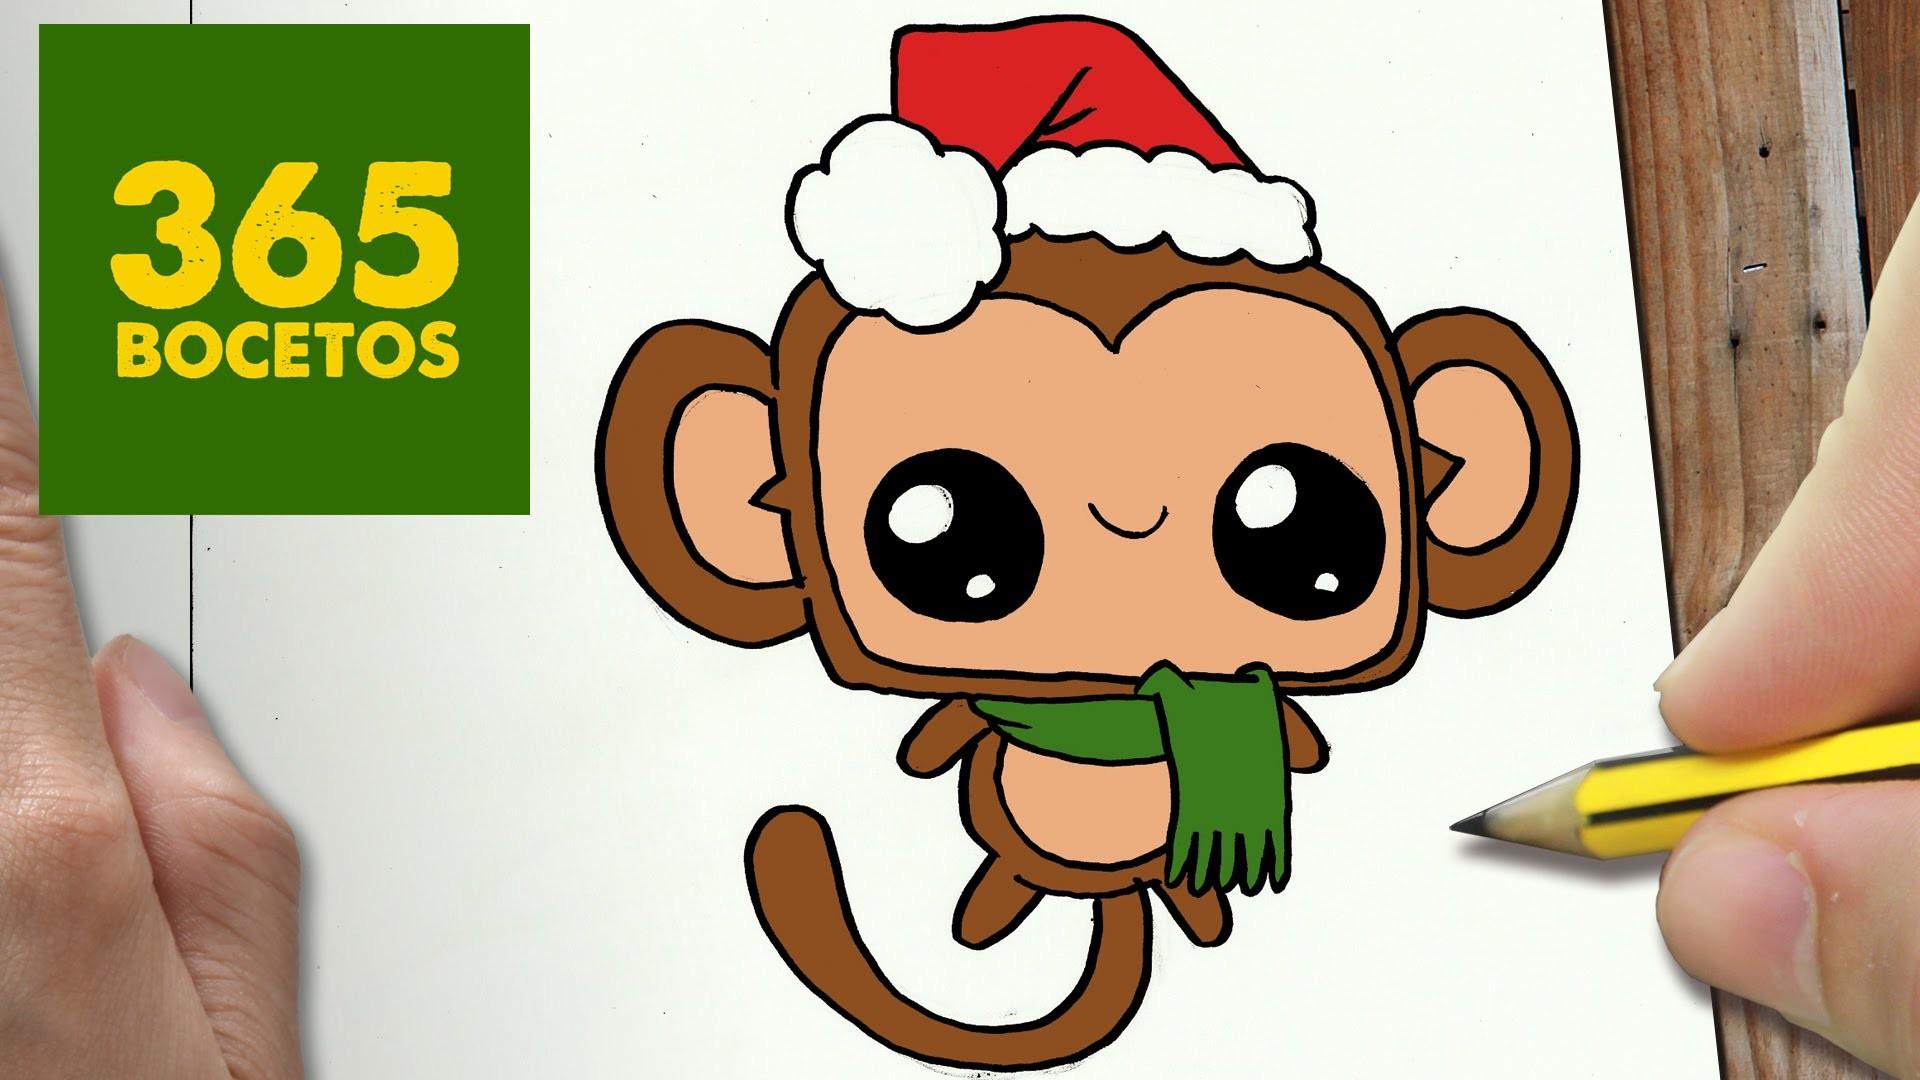 365bocetos De Navidad Www Miifotos Com